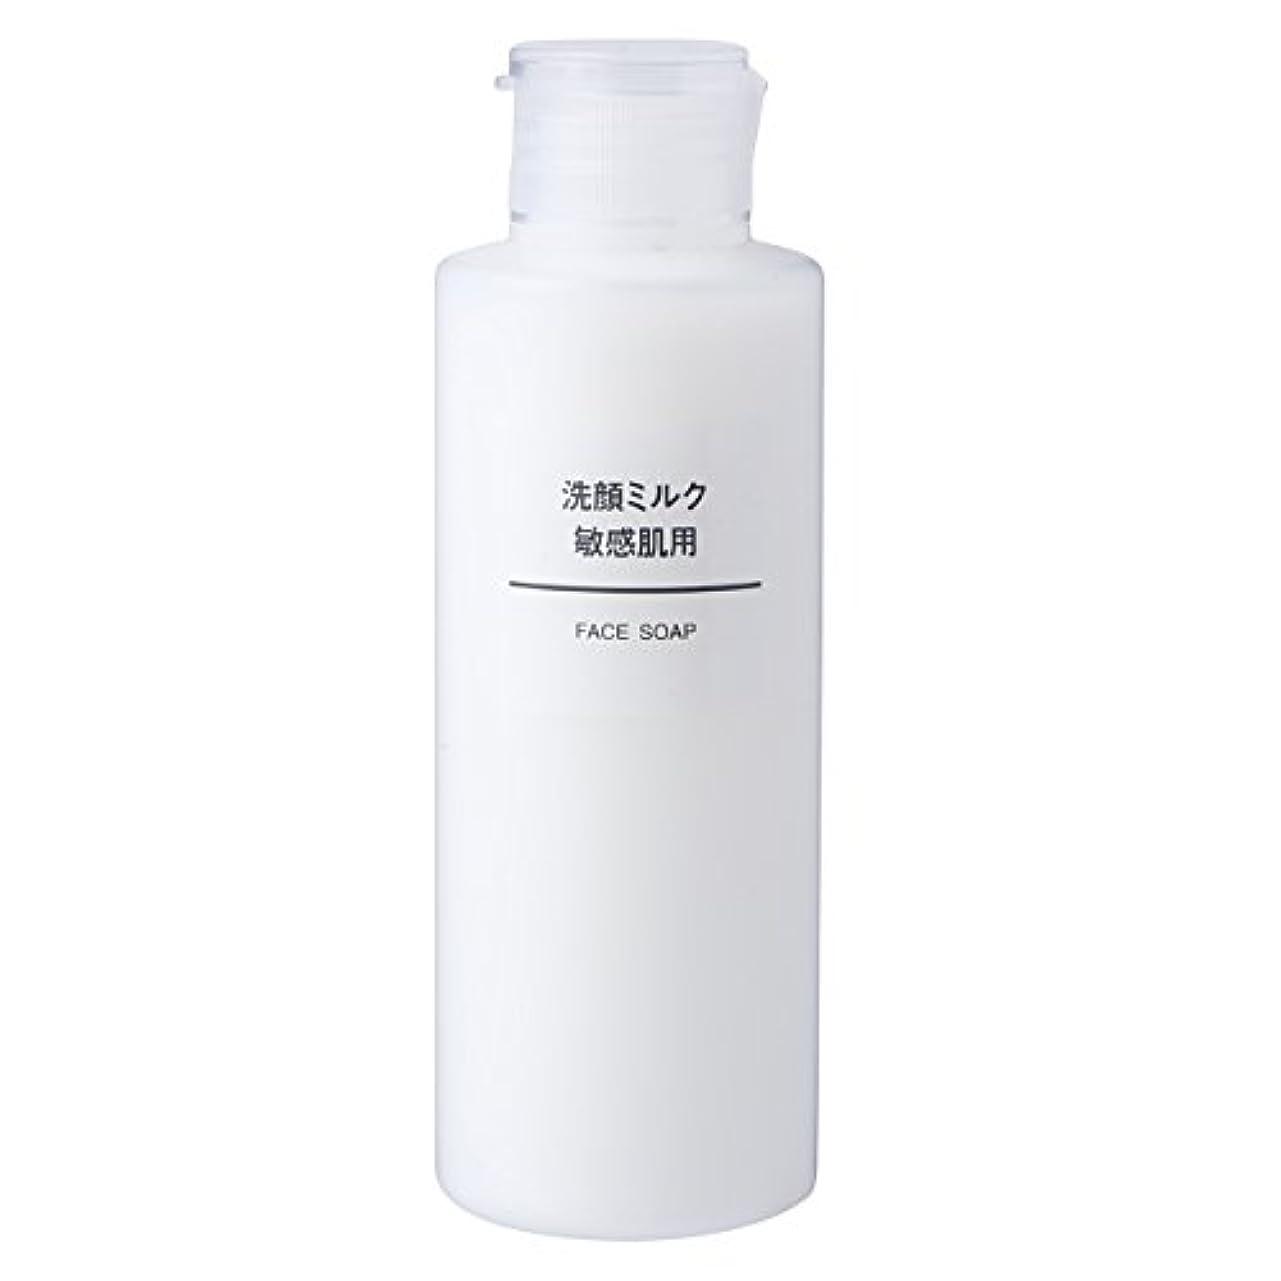 地上でありふれた形状無印良品 洗顔ミルク 敏感肌用 150ml